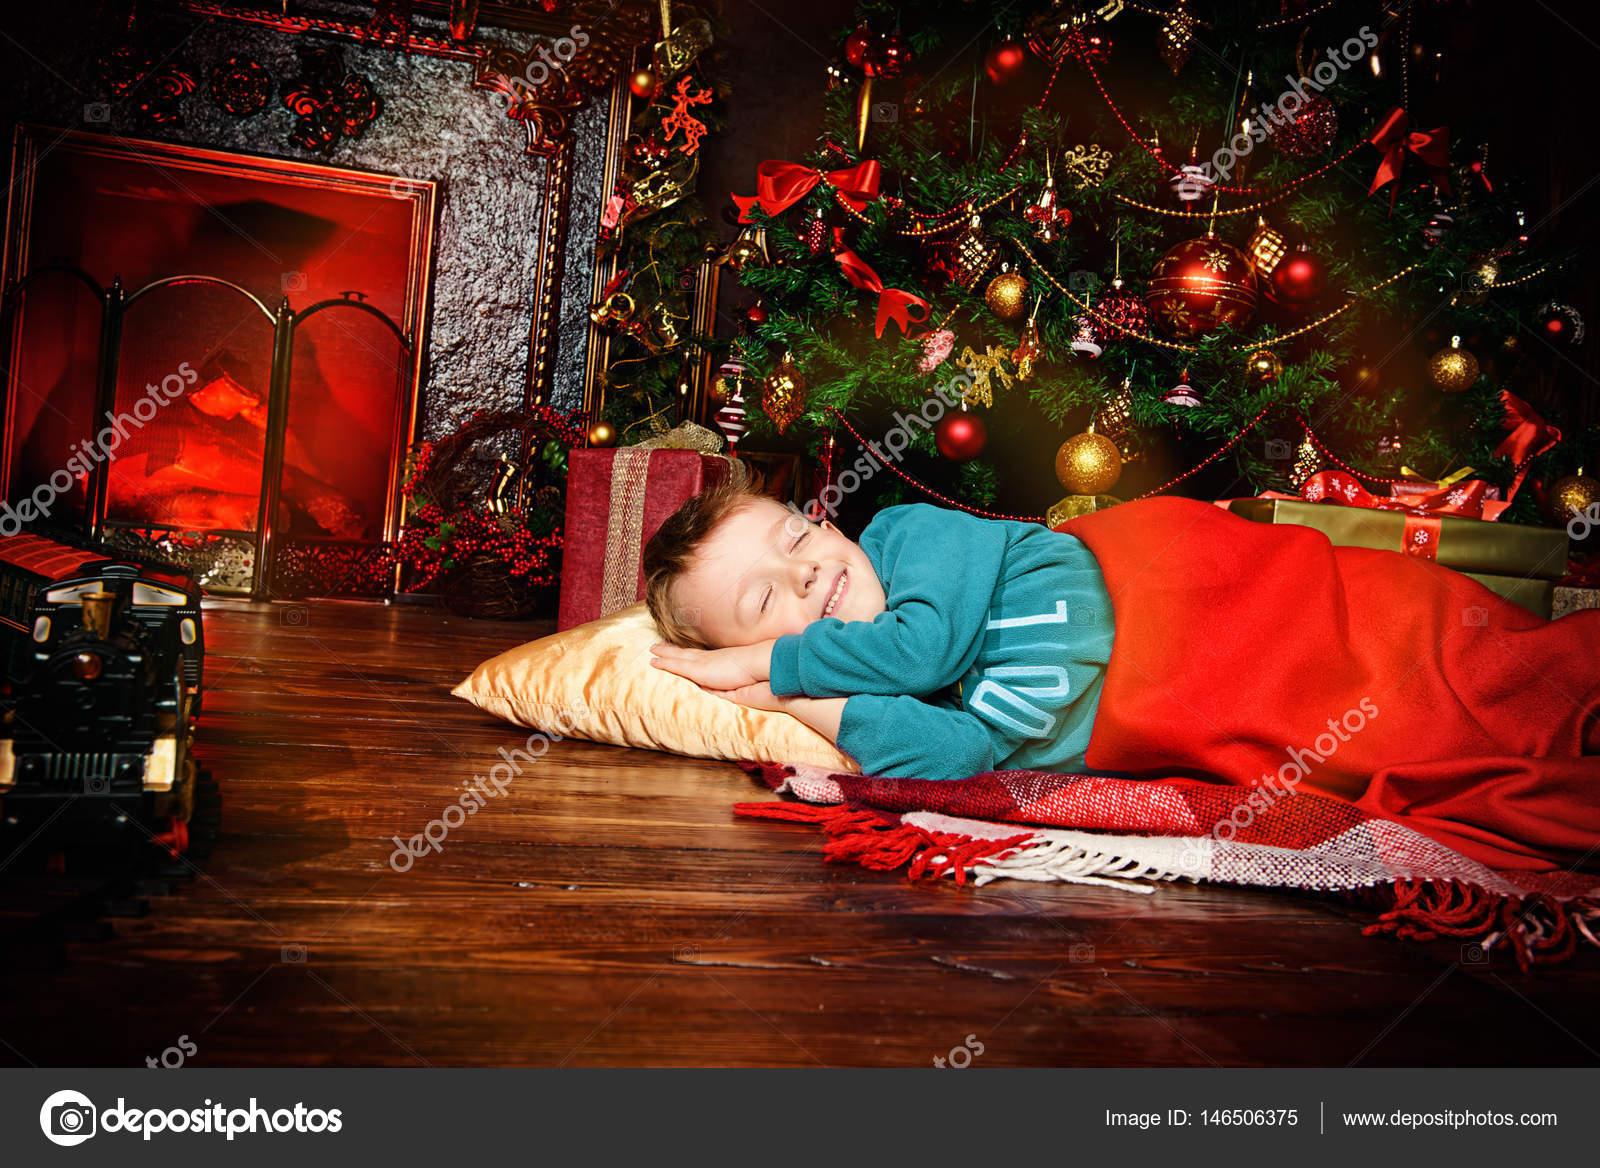 Immagini Di Buonanotte Di Natale.Immagini Buonanotte In Attesa Del Natale Concetto Di